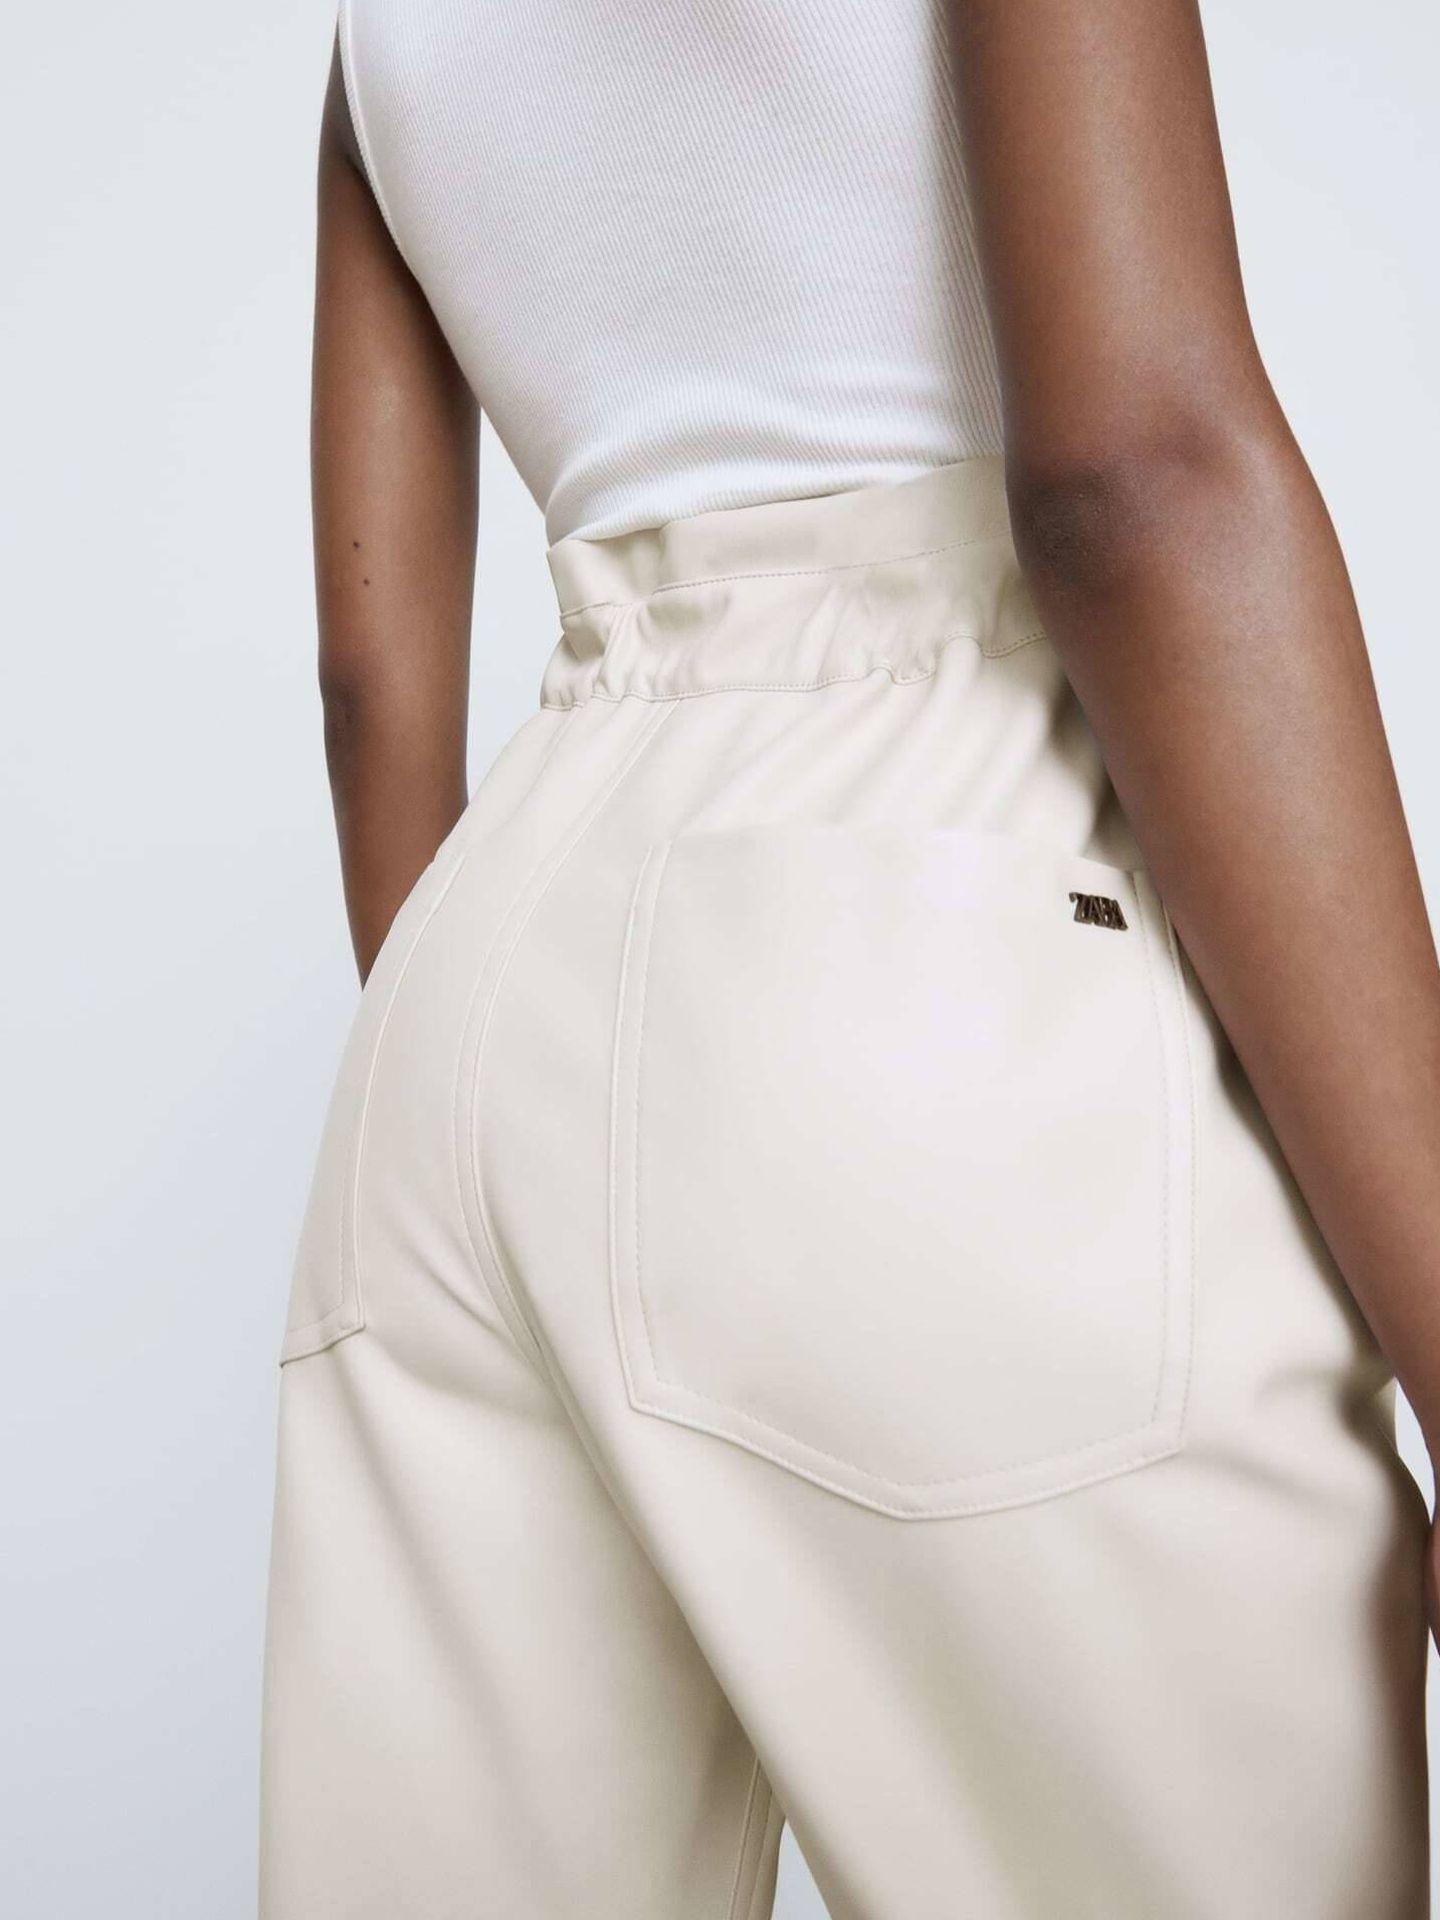 El pantalón de Zara. (Cortesía)